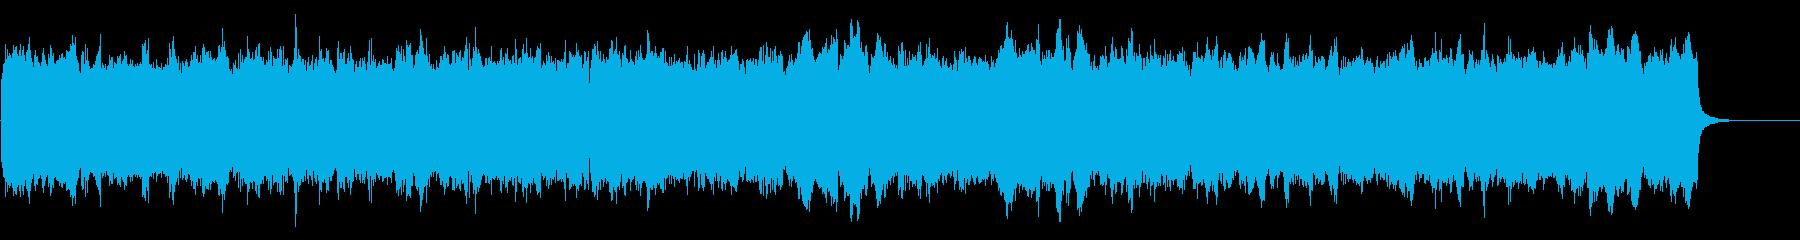 柔らかで優しいブライダルのオルガン曲の再生済みの波形